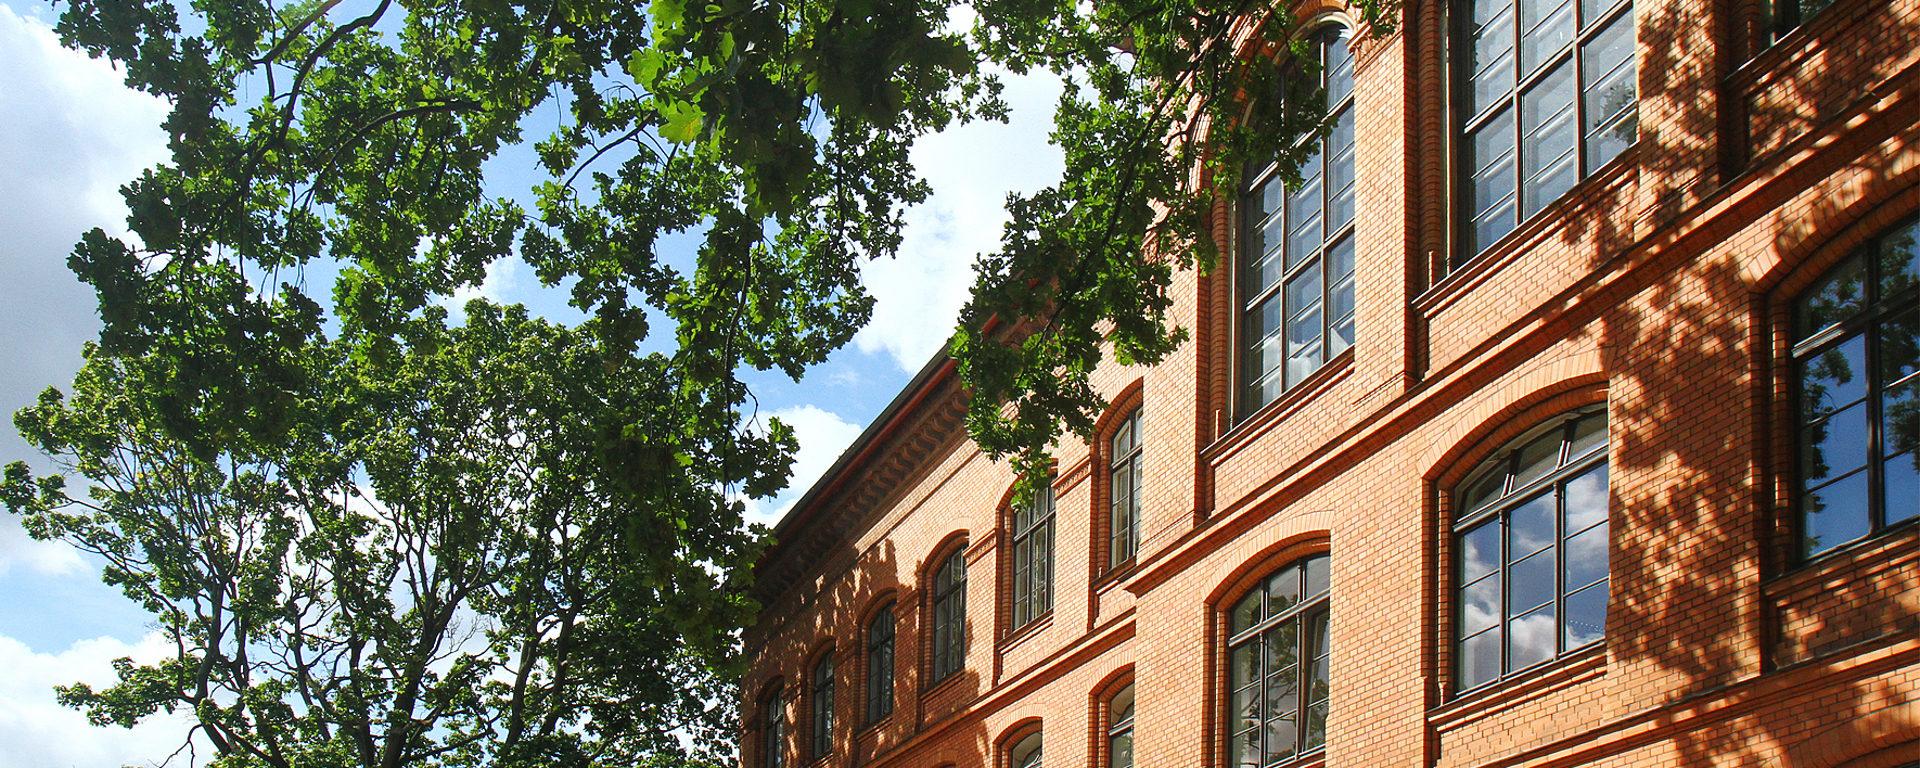 Aussenansicht des orangene Gebäudes der Schule vom Schulhof aus gesehen